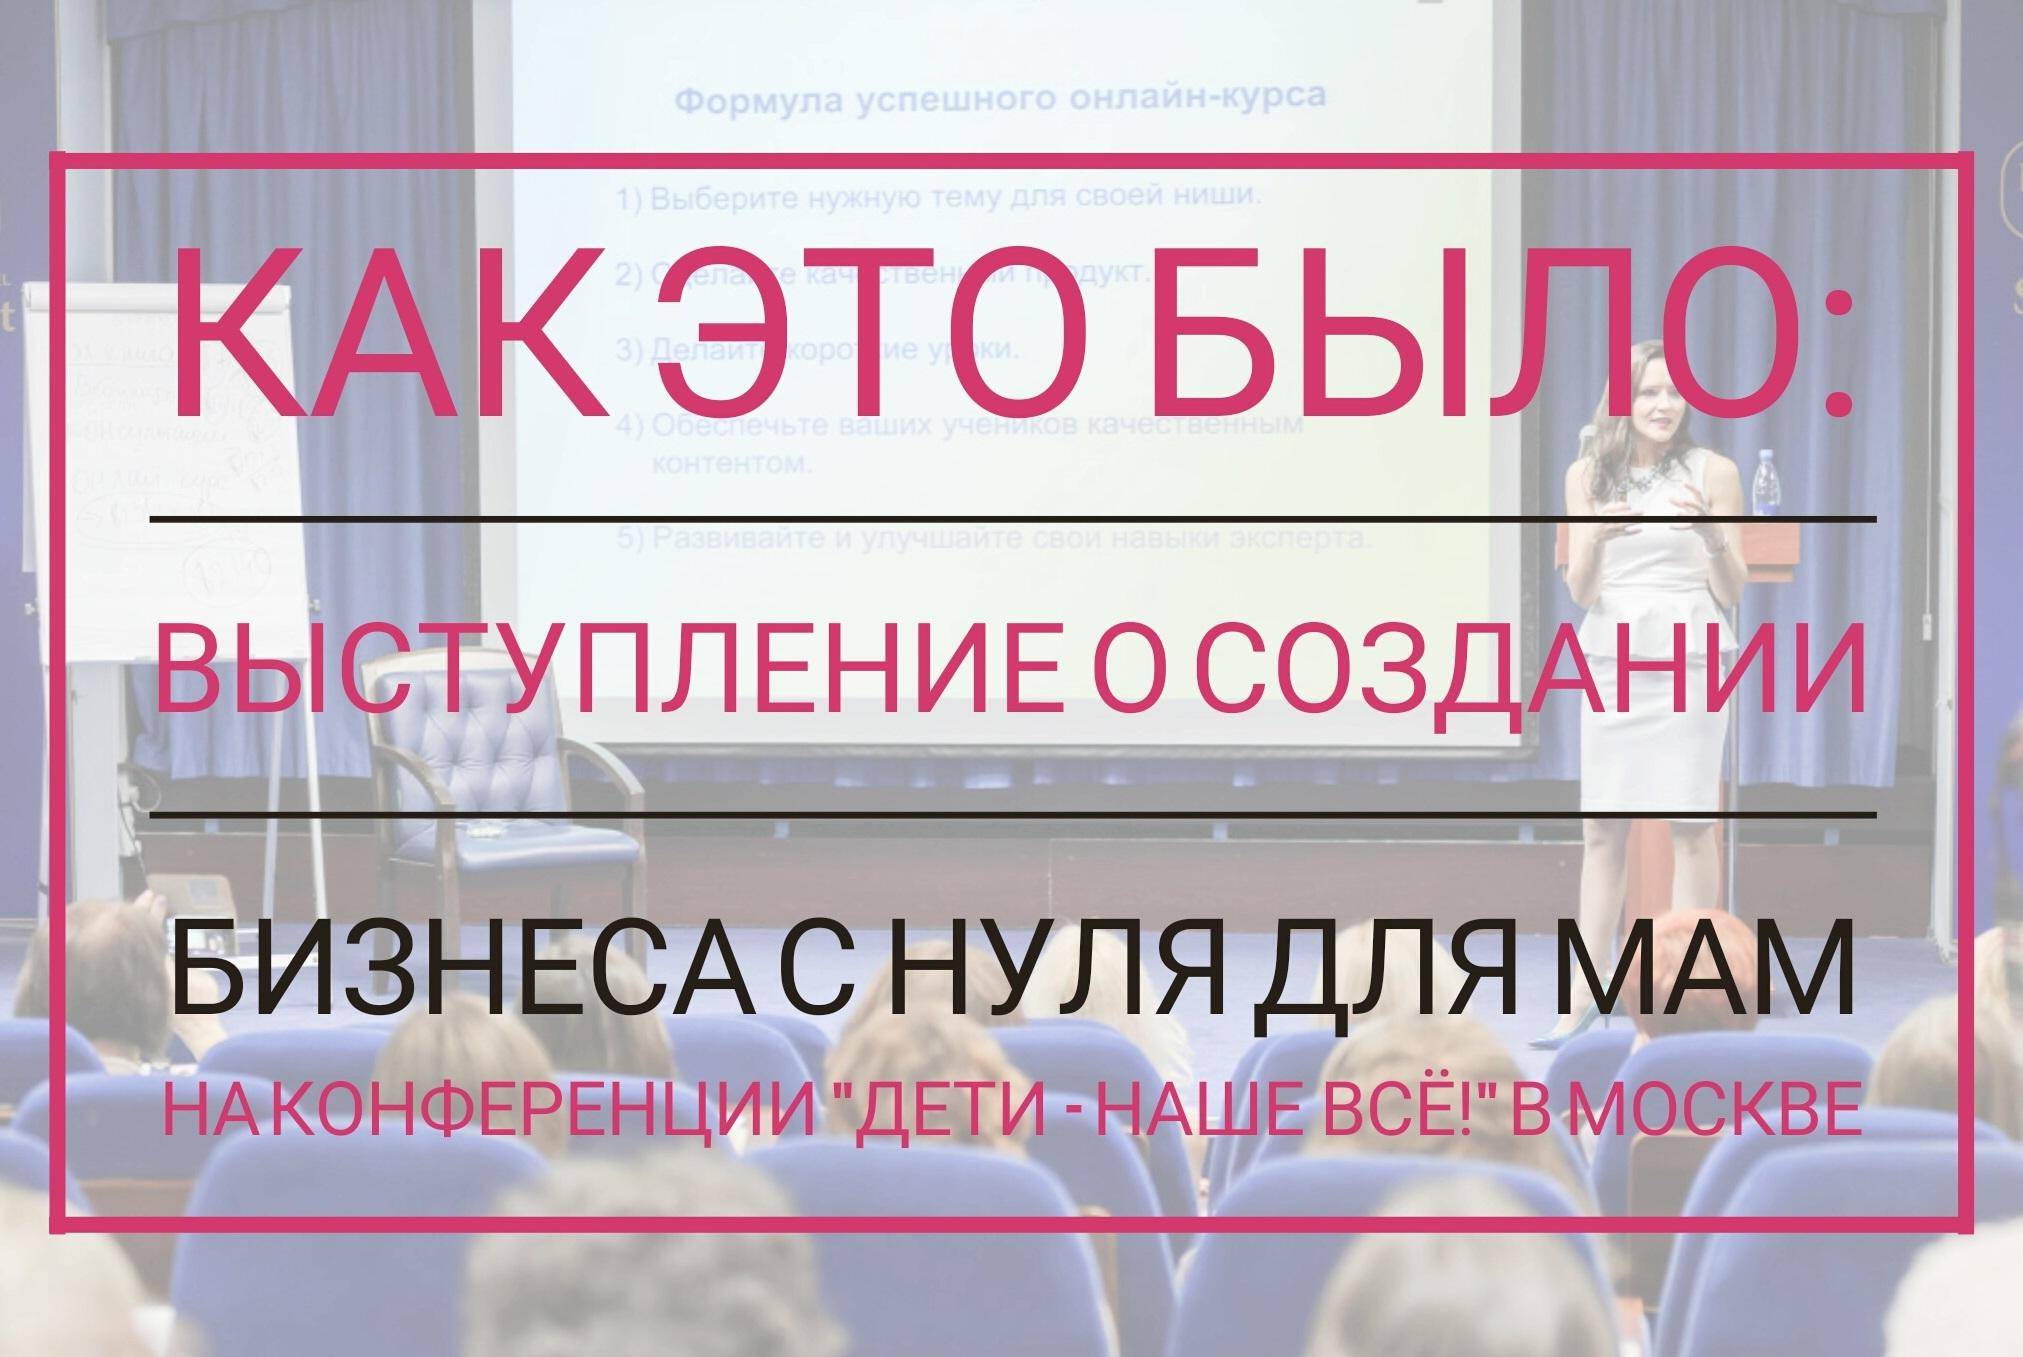 АкадемияЭкспертов.ОльгаЯковлева189